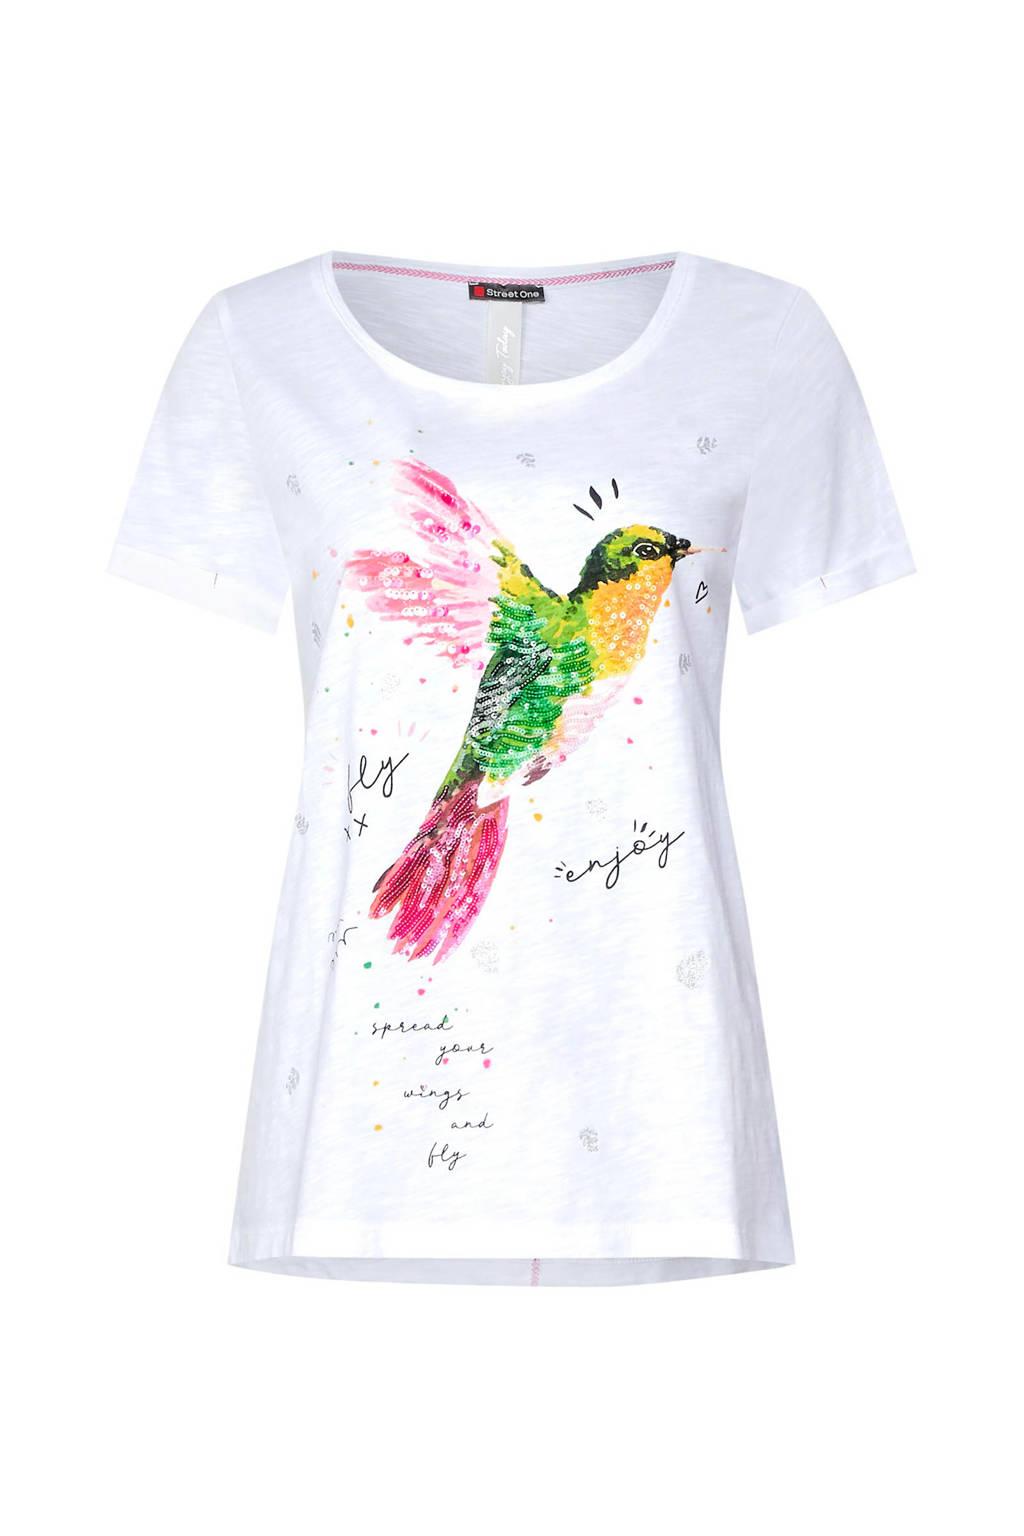 Street One T-shirt met printopdruk en pailletten, Wit/roze/groen